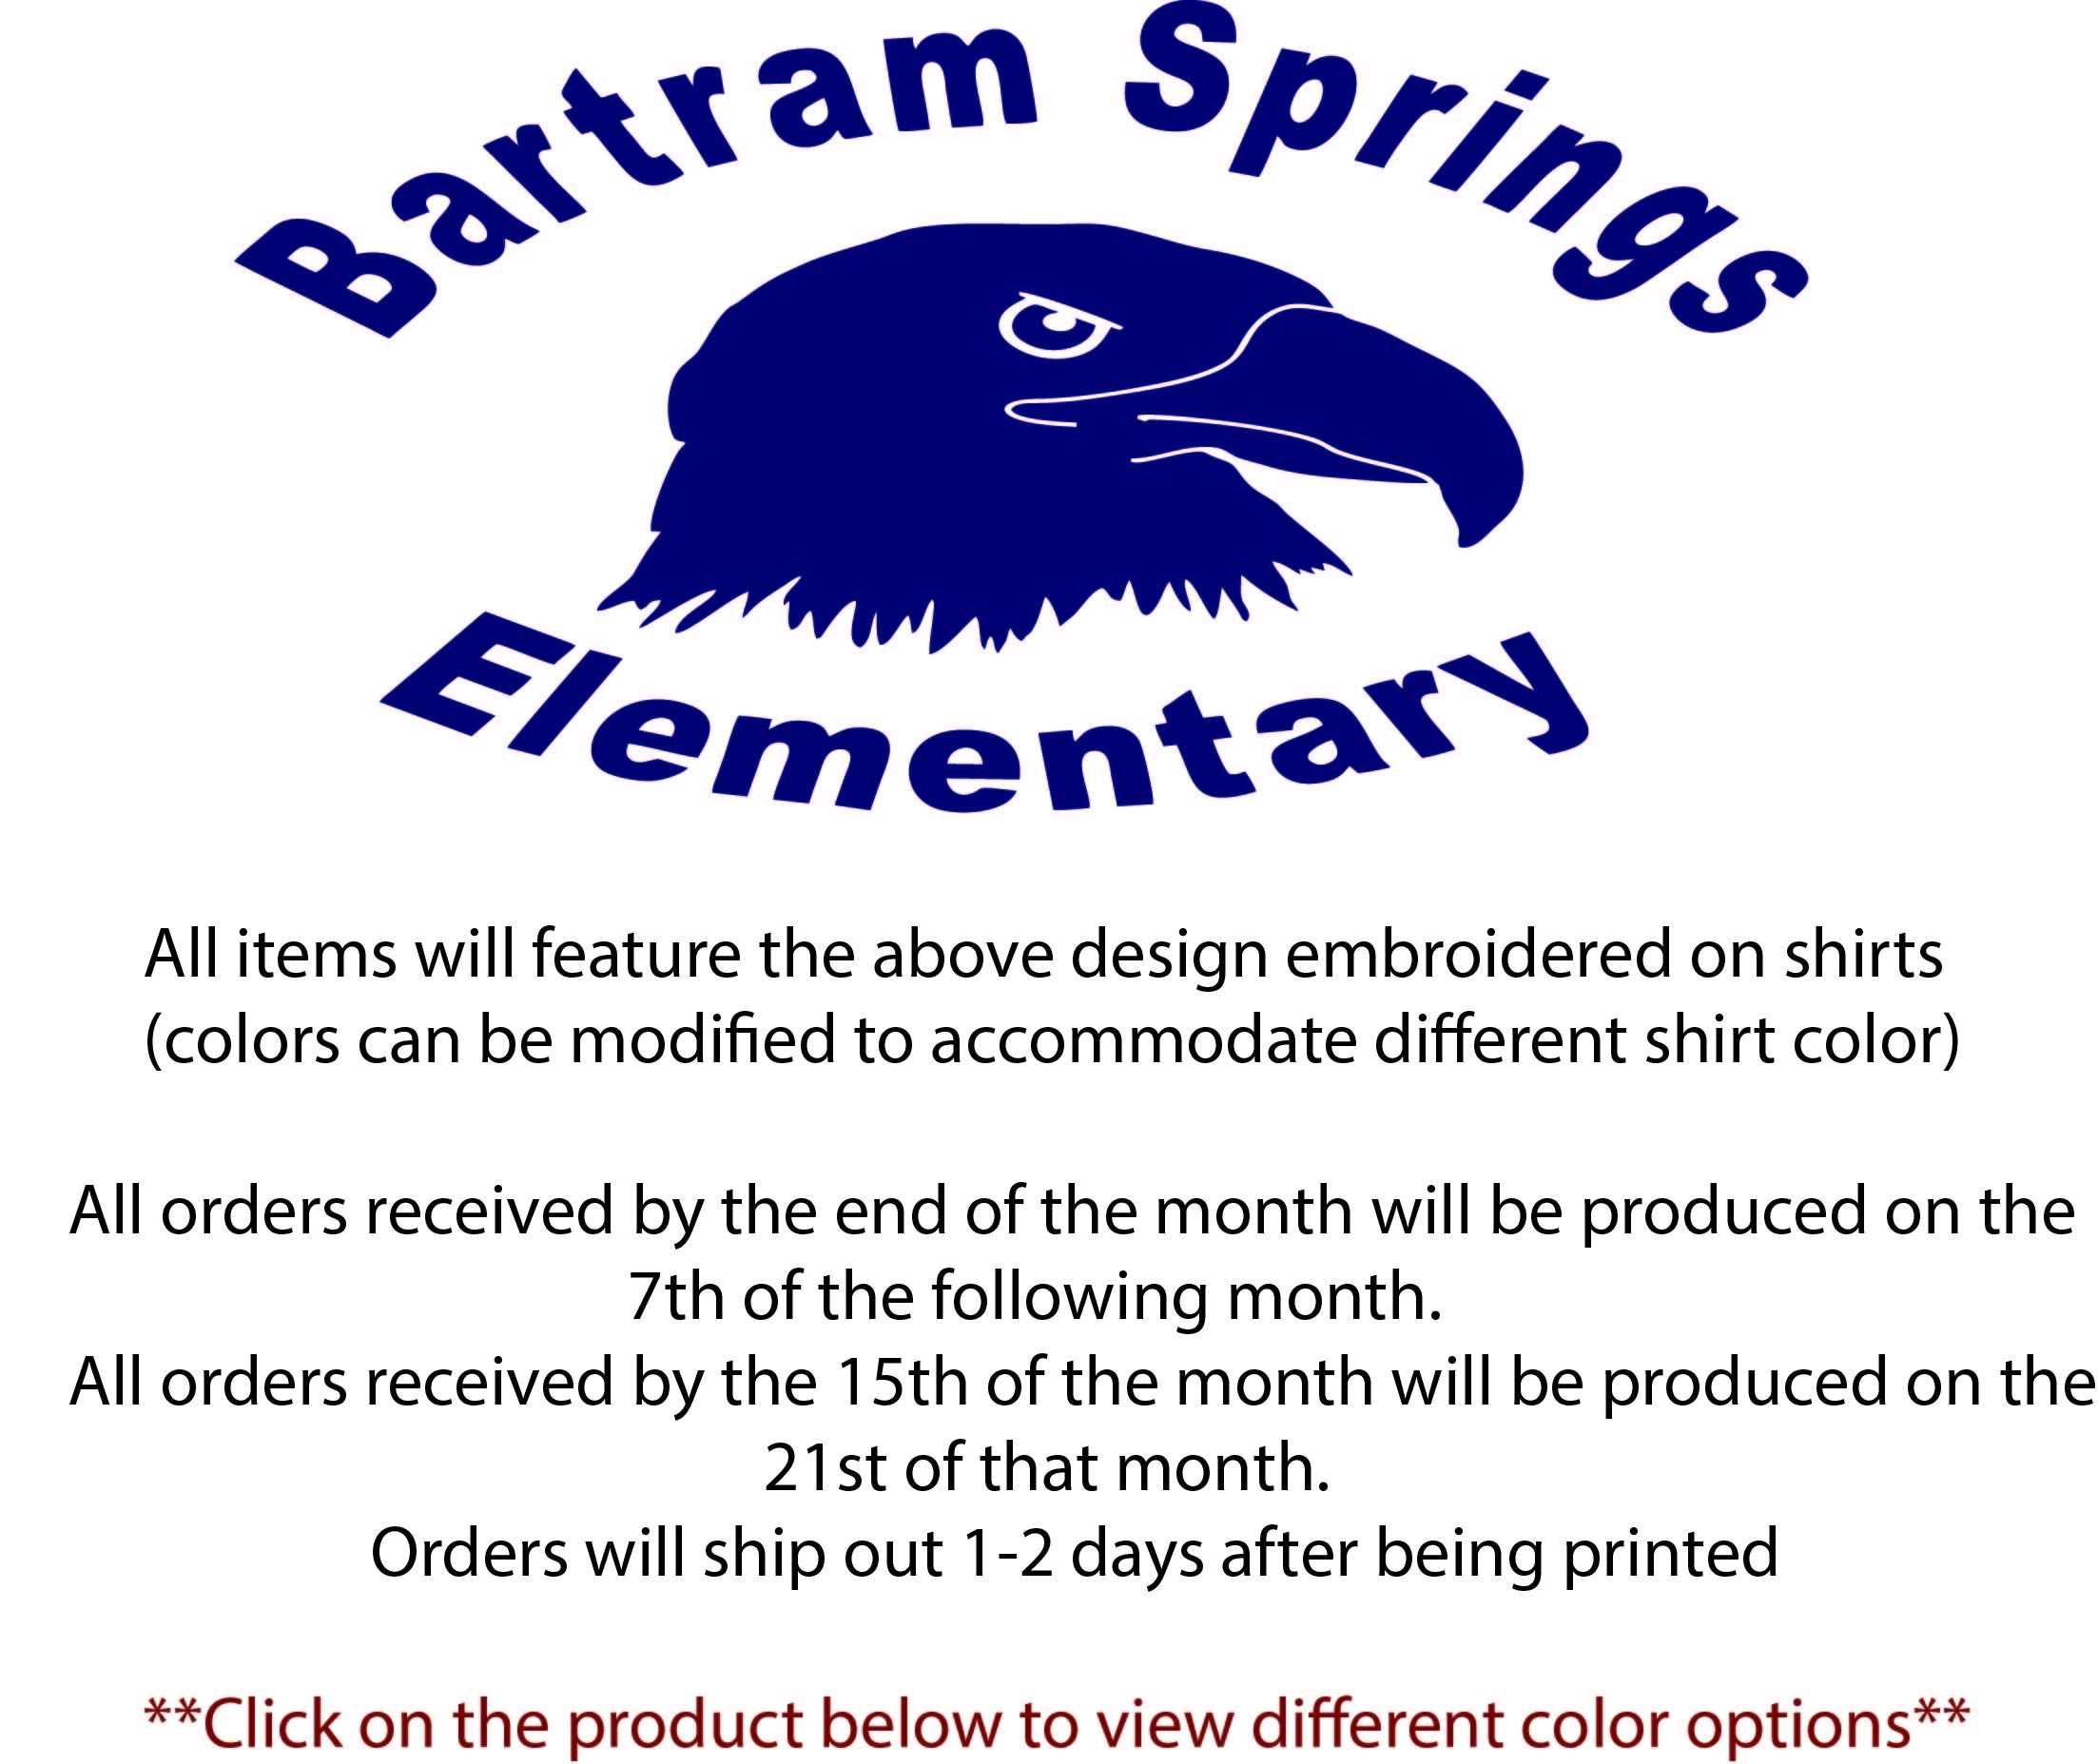 bartram-springs-web-site-header.jpg